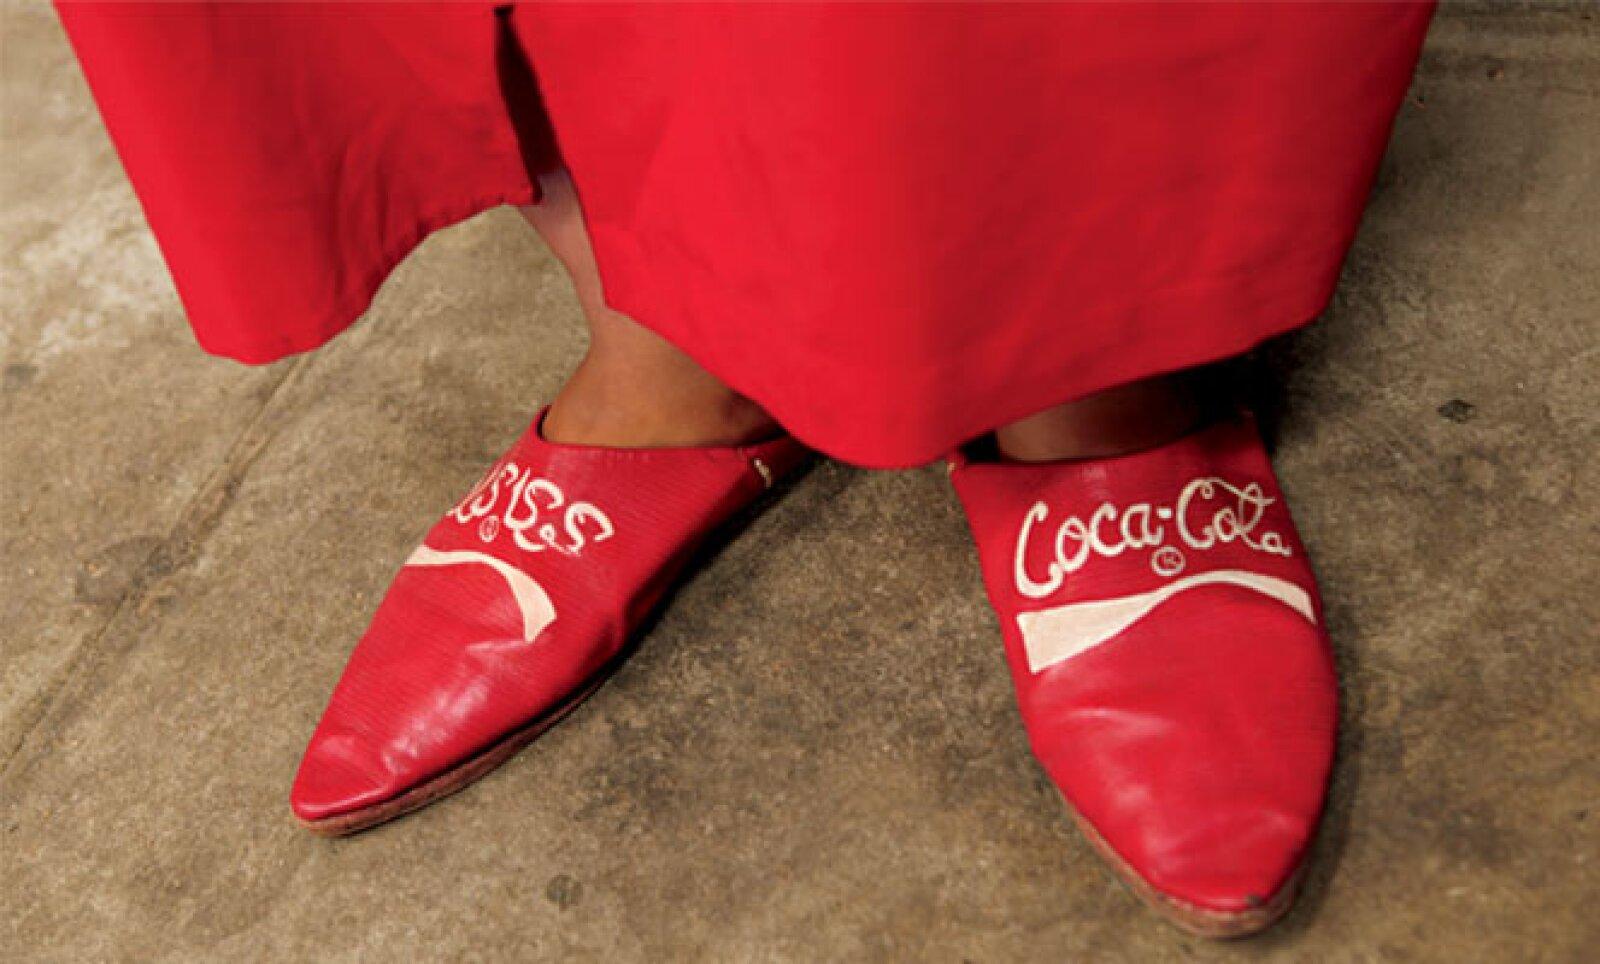 Un miembro del escuadrón de Coca-Cola en Casablanca, Marruecos, vistiendo pantuflas hechas a la medida.